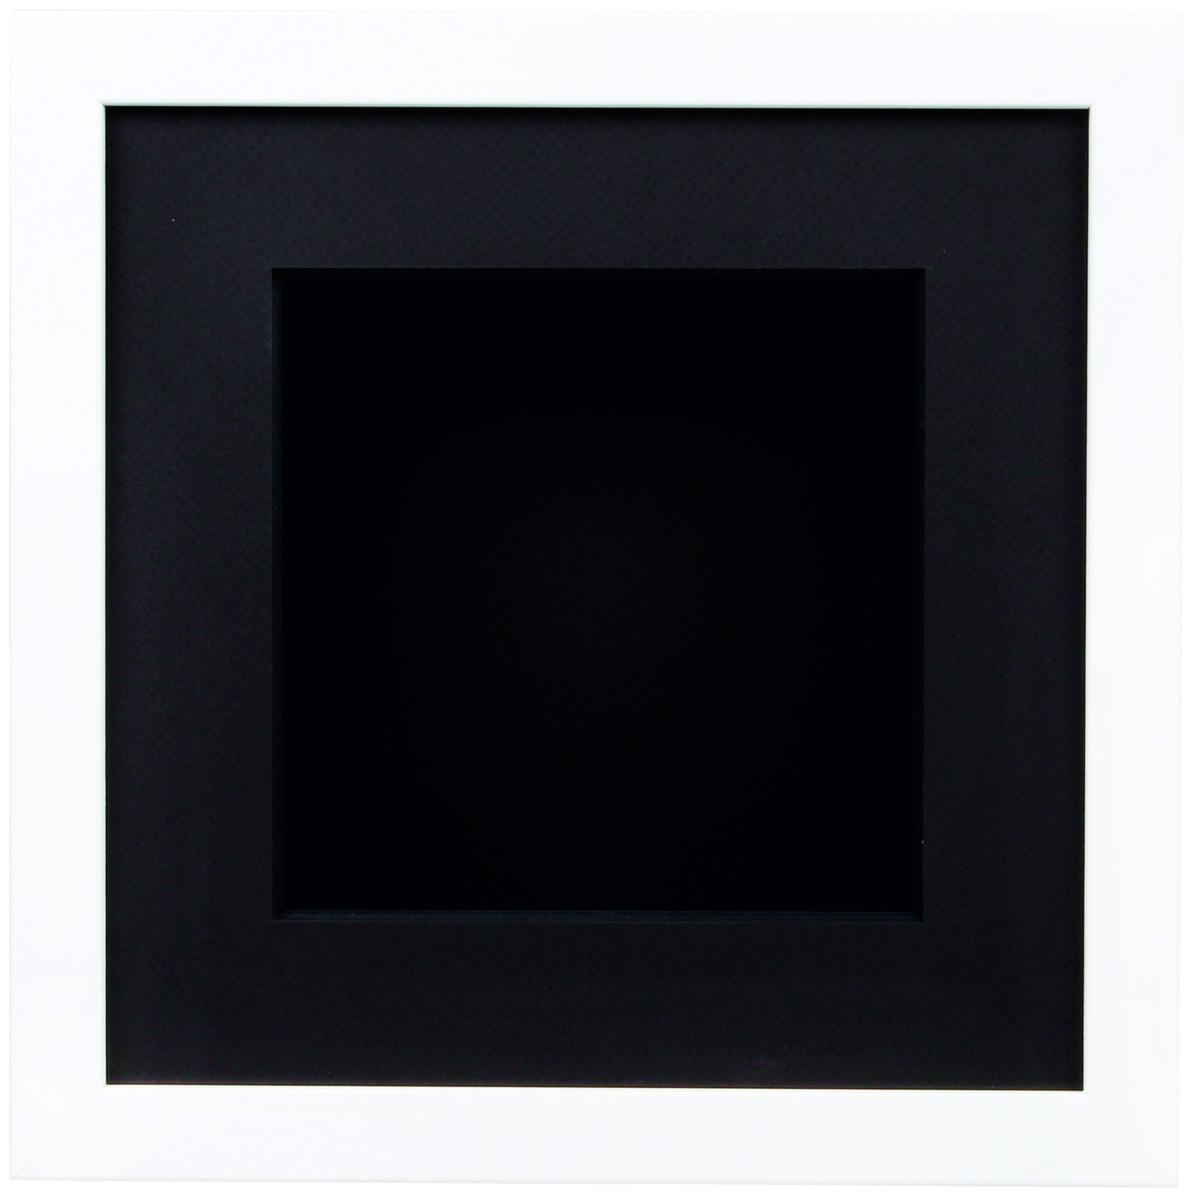 Rahmen Box mit Holzrahmen weiss und Kasten schwarz